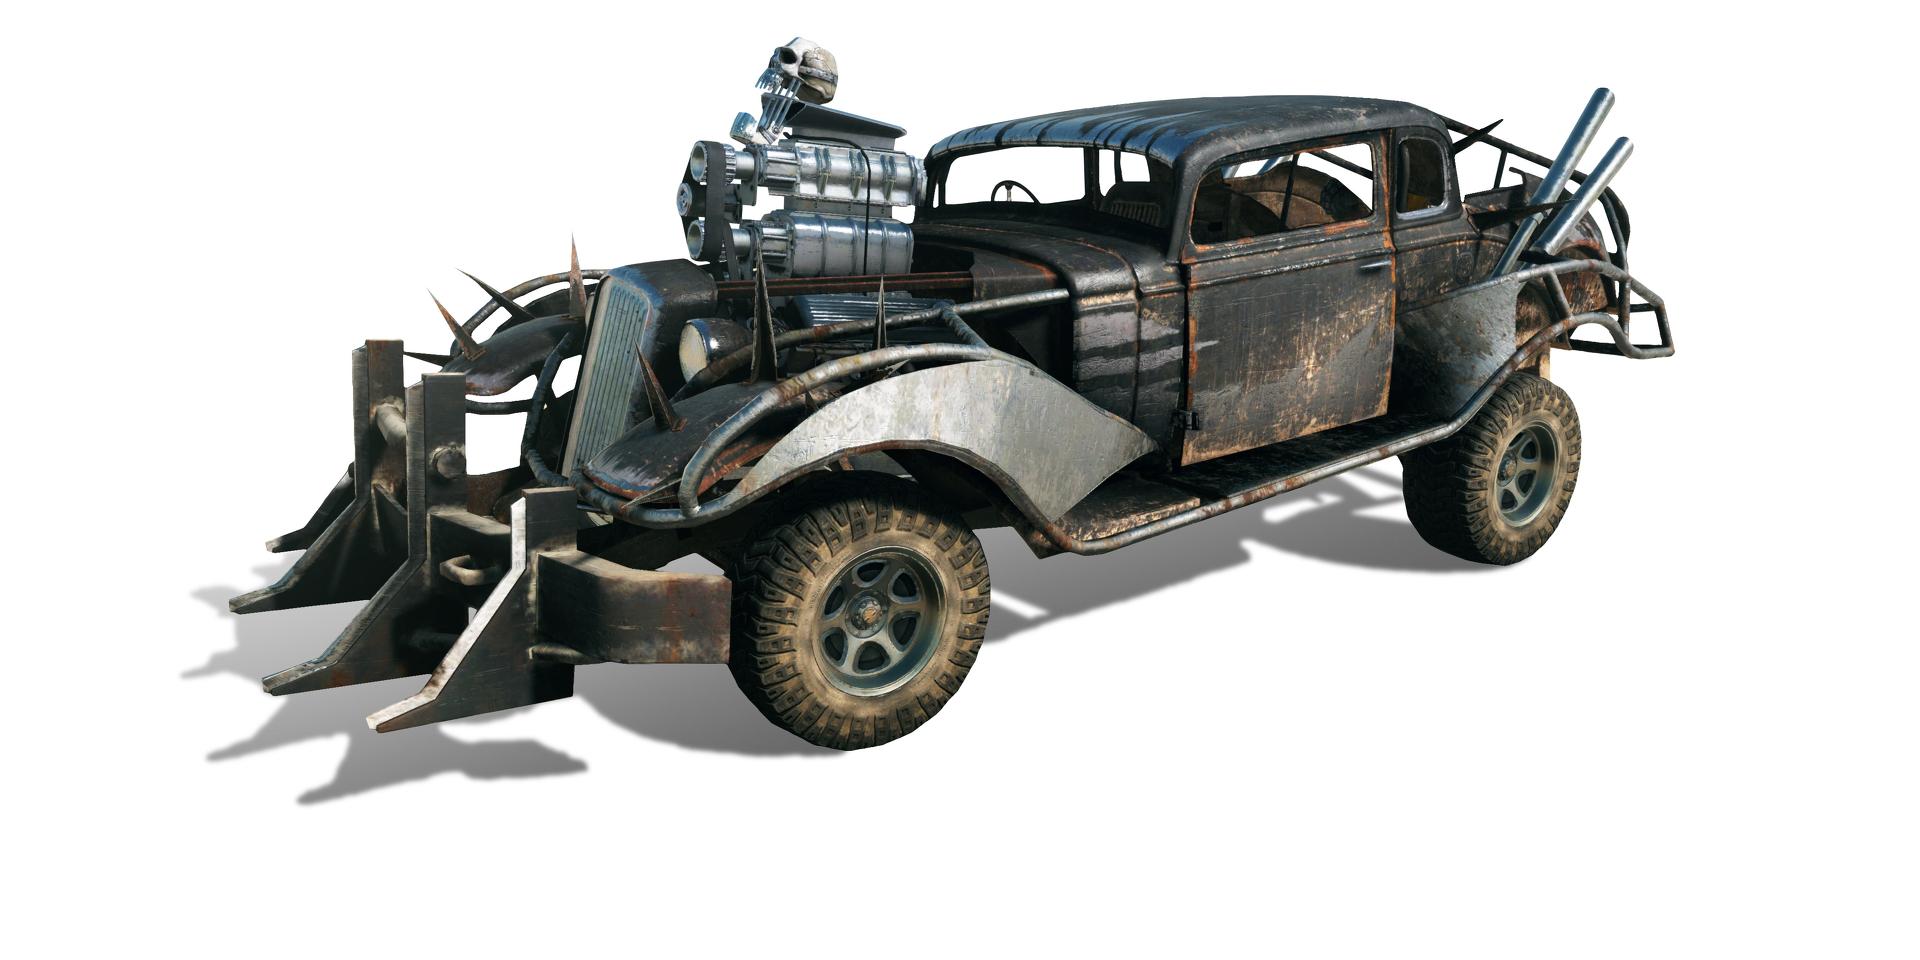 Obrazem: Post-apokalyptická pustina z akce Mad Max 108267